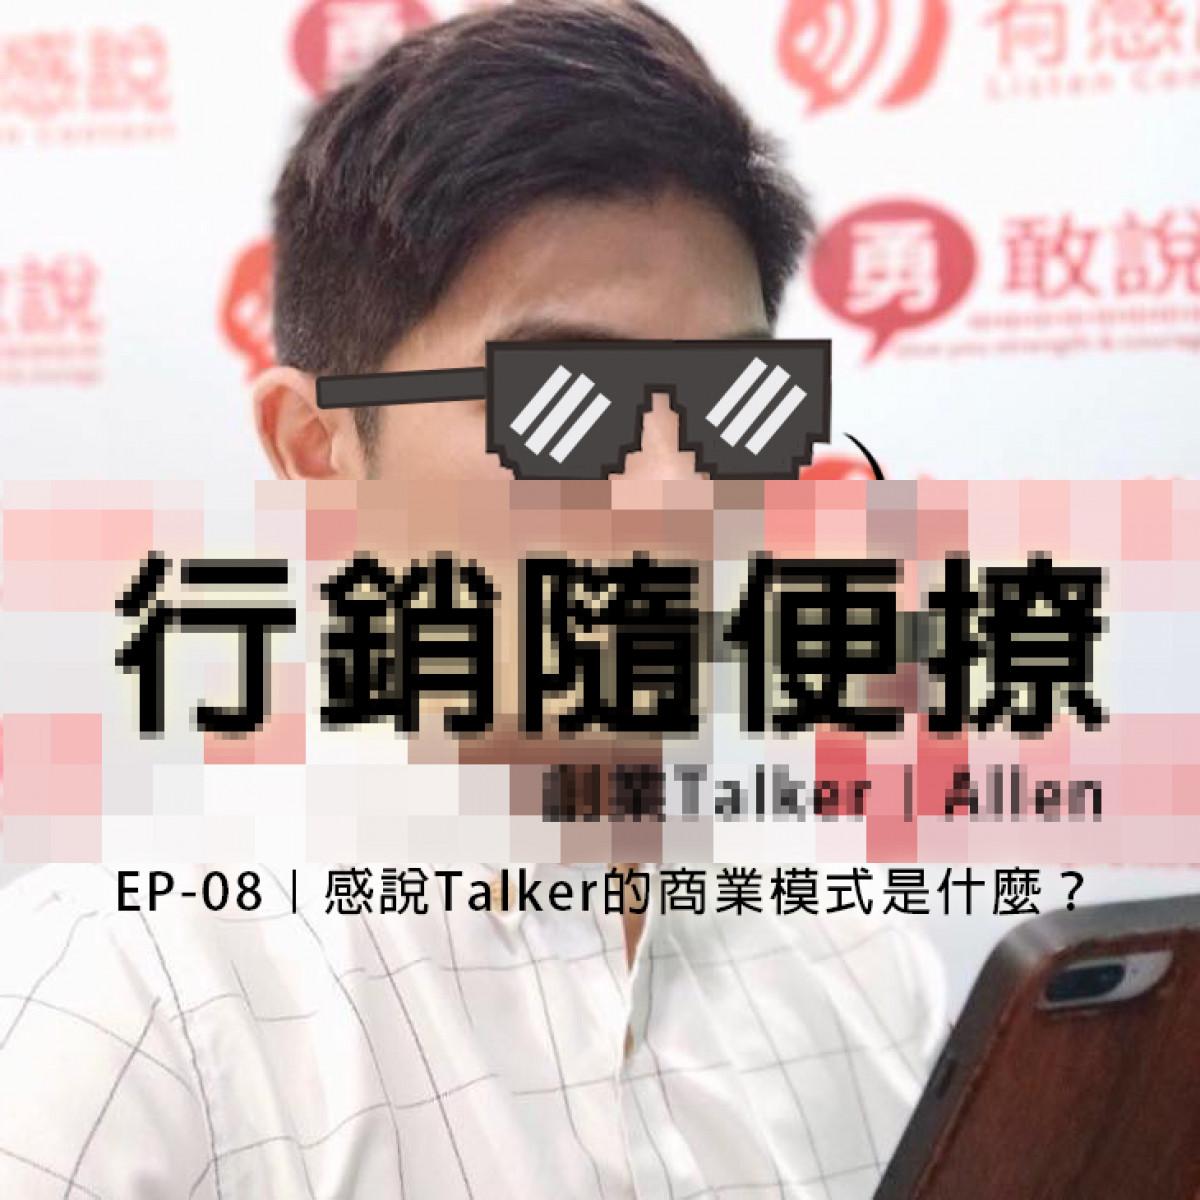 行銷隨便撩|EP08感說Talker的商業模式是什麼?